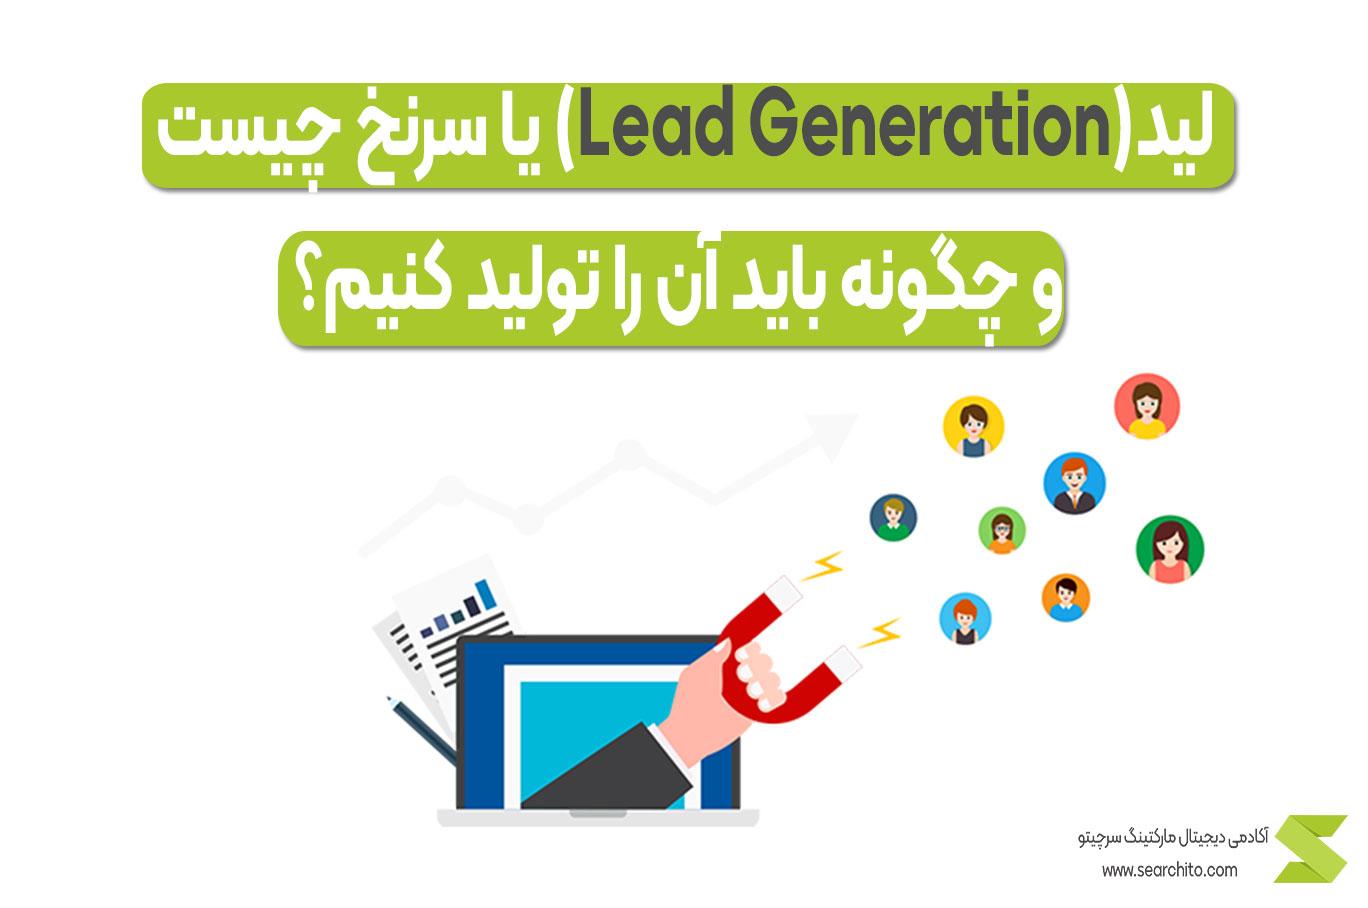 لید(Lead Generation) یا سرنخ چیست و چگونه باید آن را تولید کنیم؟